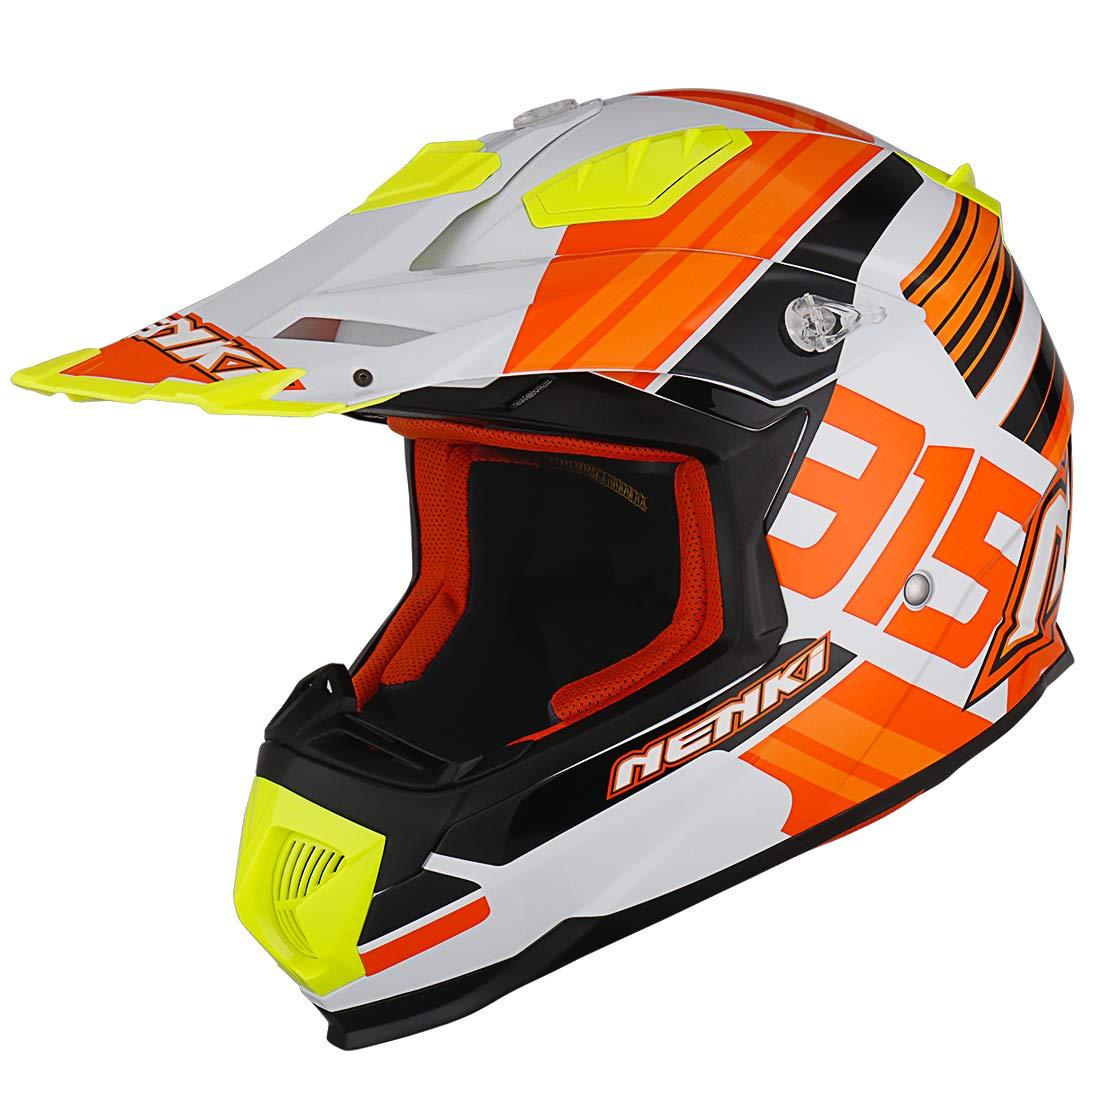 L NENKI Casco Motocross NK-315 ECE Omologato Donna Uomo